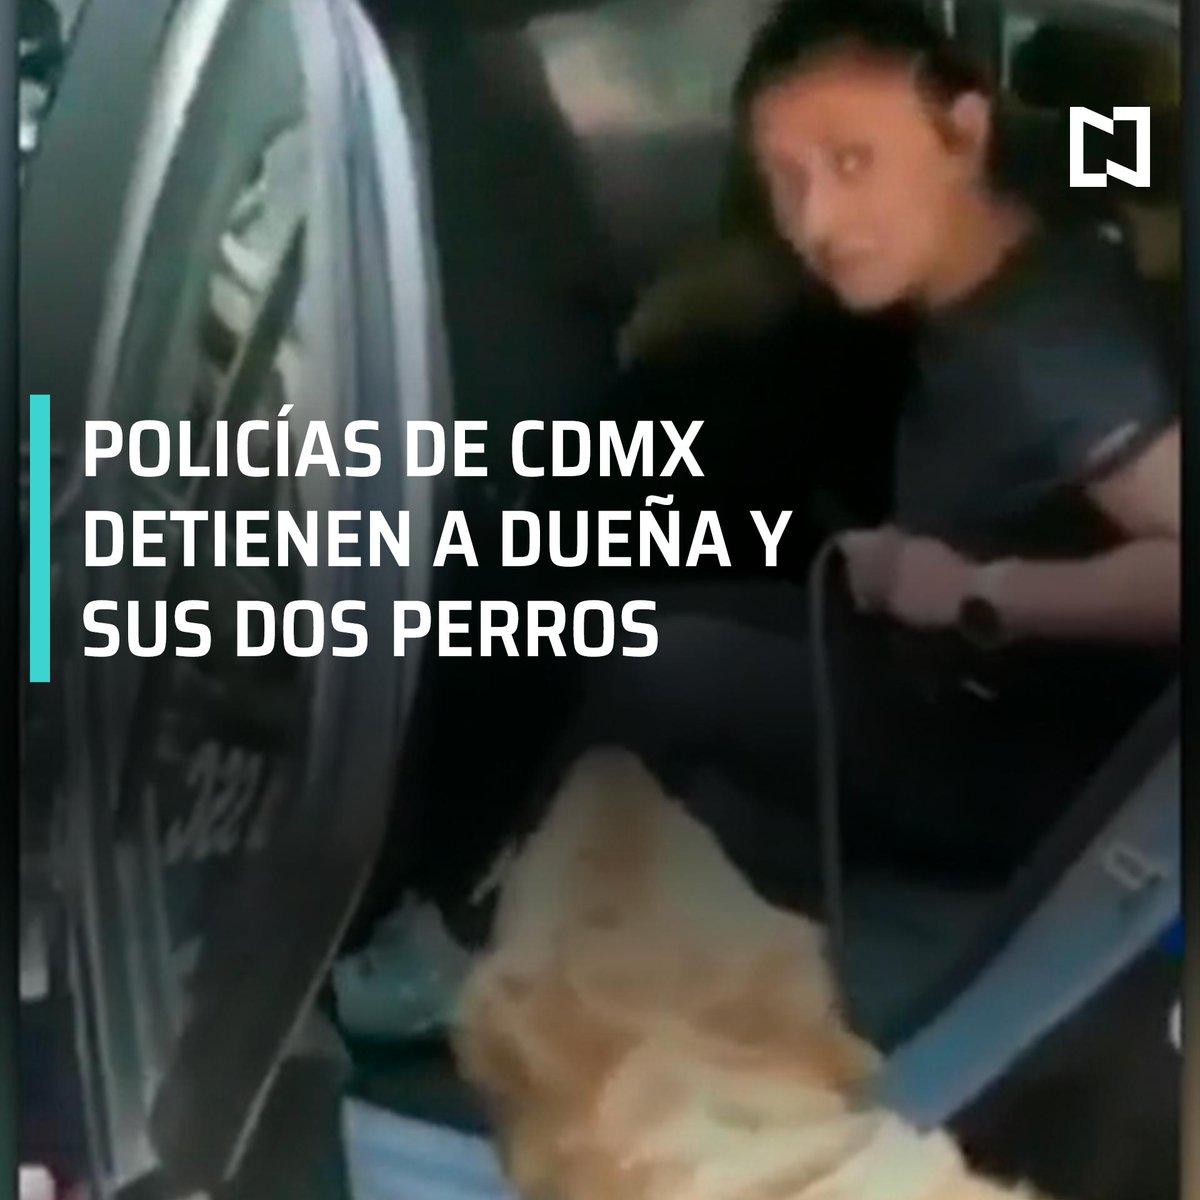 ¿Para cuándo los asalta-restaurantes y los roba-celulares del metro?Policías detienen a una mujer y sus dos perros por meterse a jugar a una fuente; el juez cívico le impuso a la señora cumplir 13 horas de detención, sin derecho a fianza. #LasNoticiasConDanielle con @daniellemx_